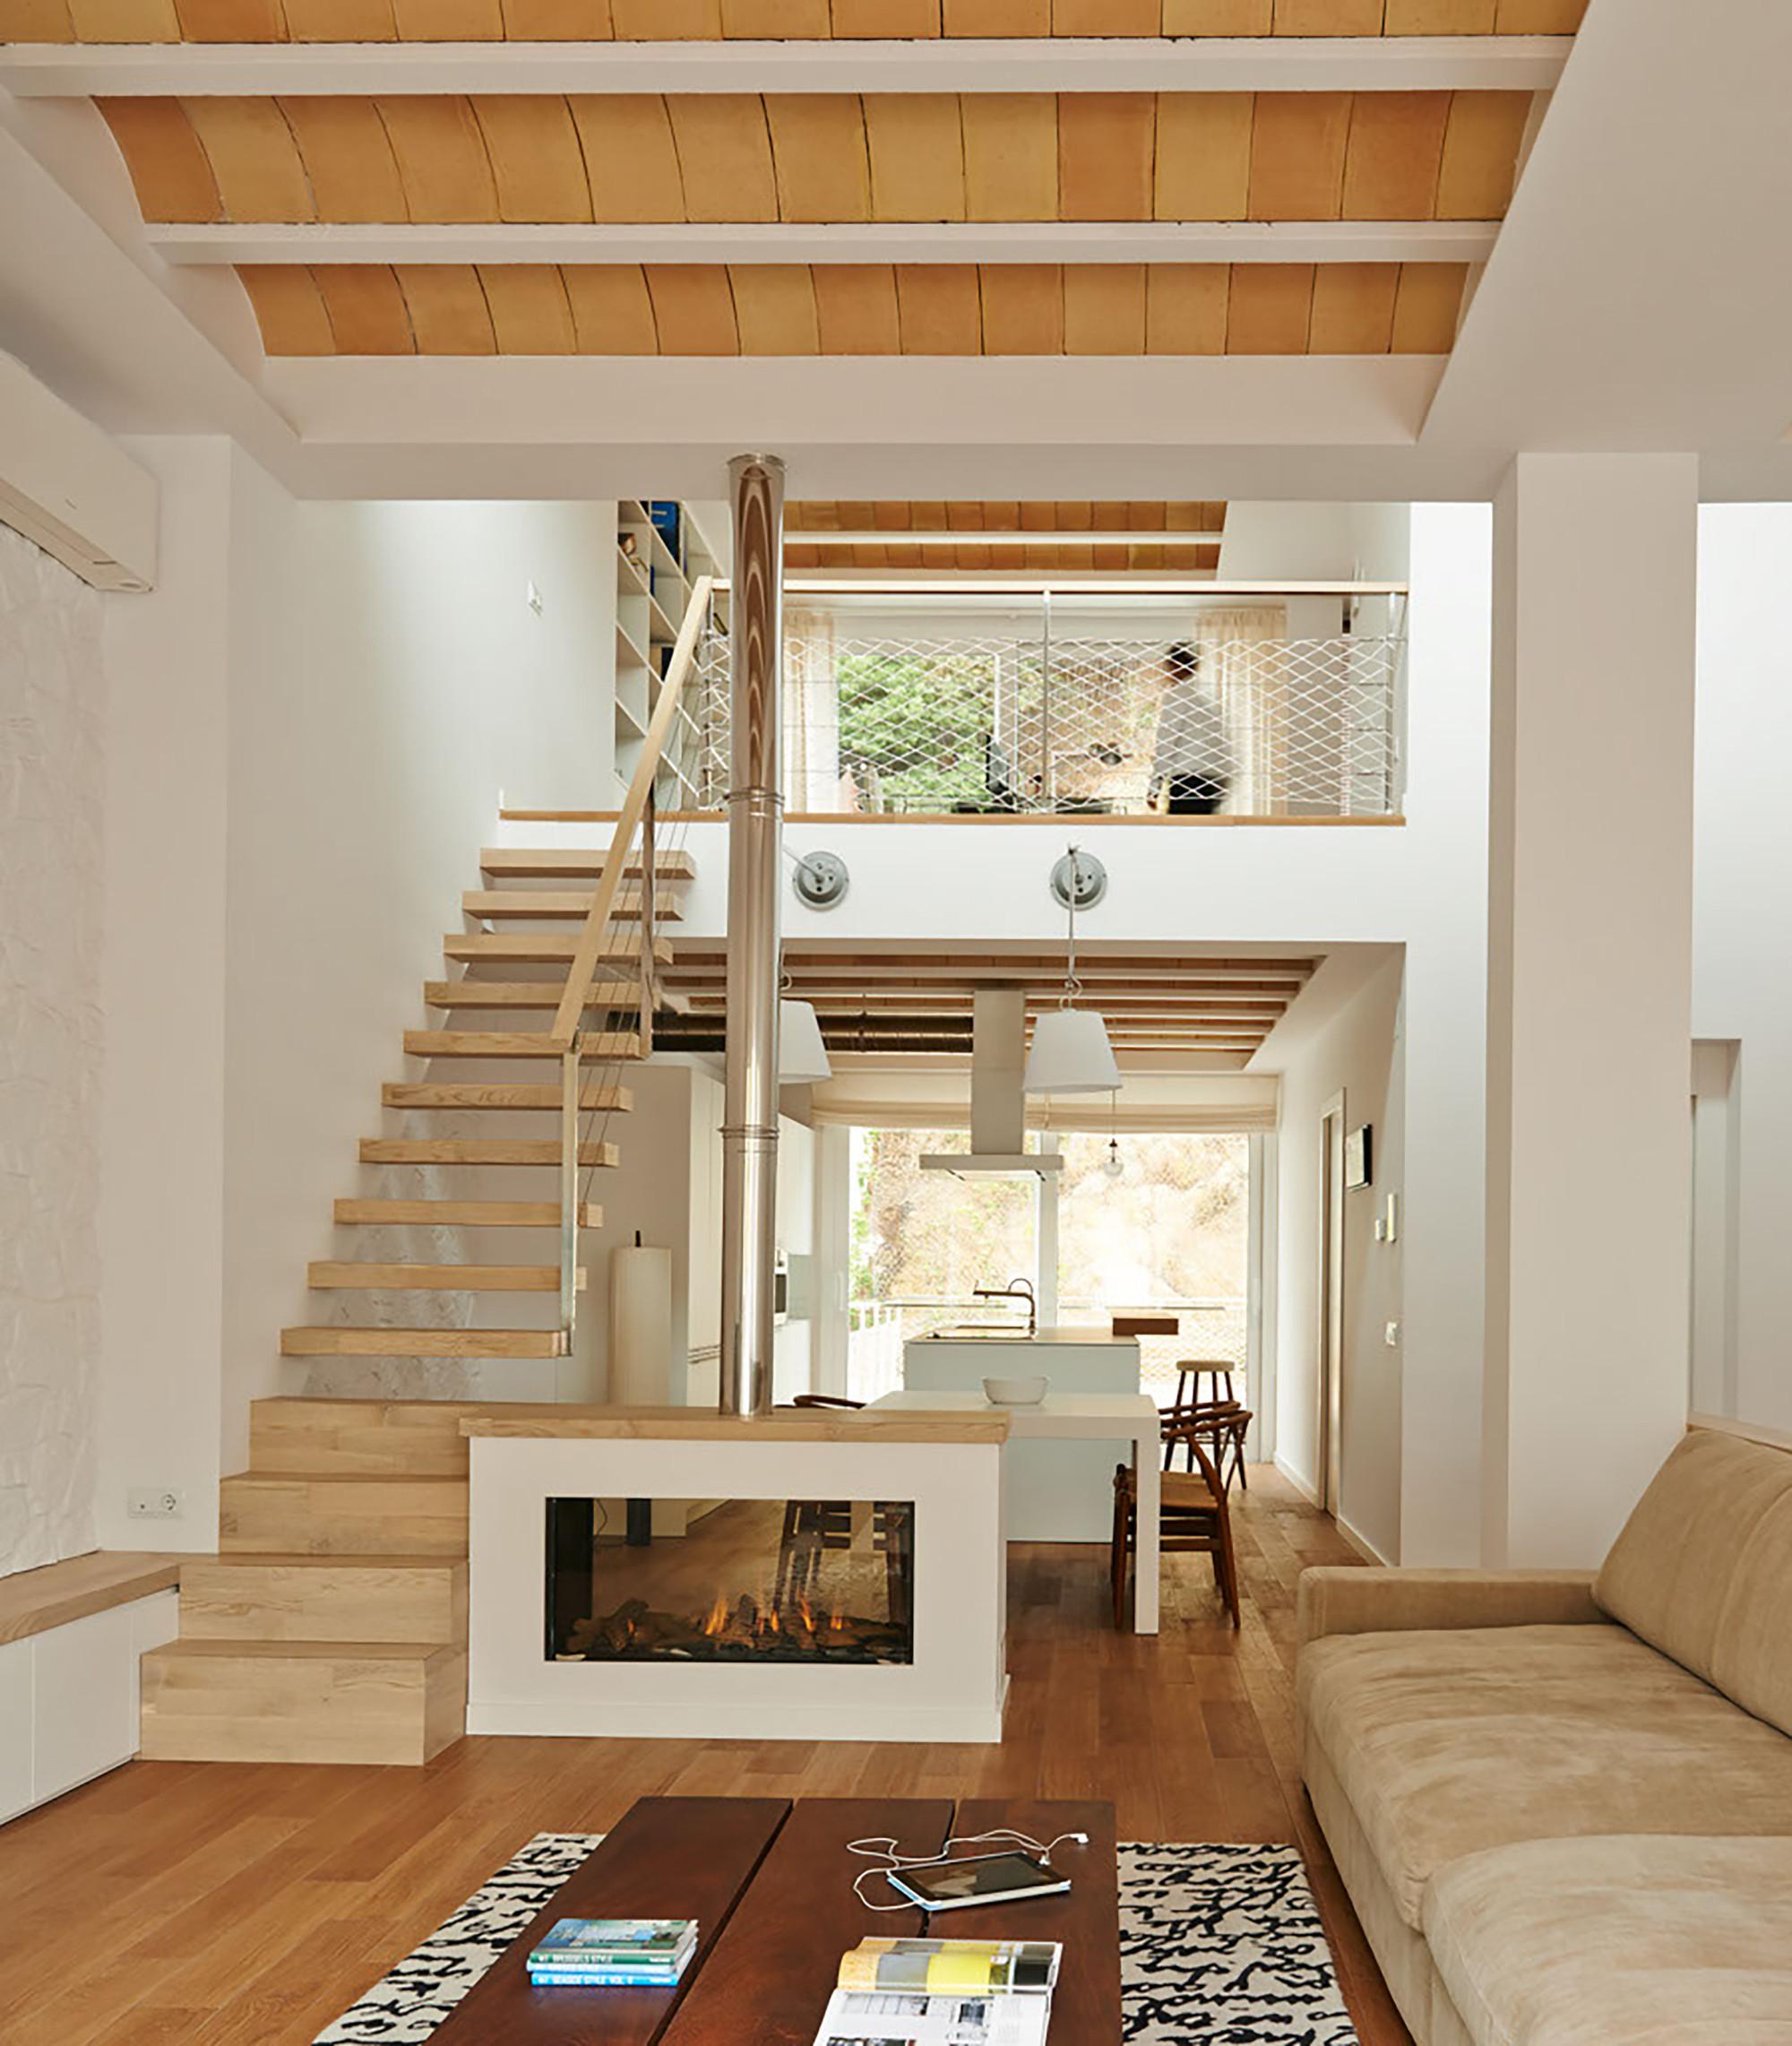 House ca 39 s bouer jordi queralt la boqueria archdaily for Design economico